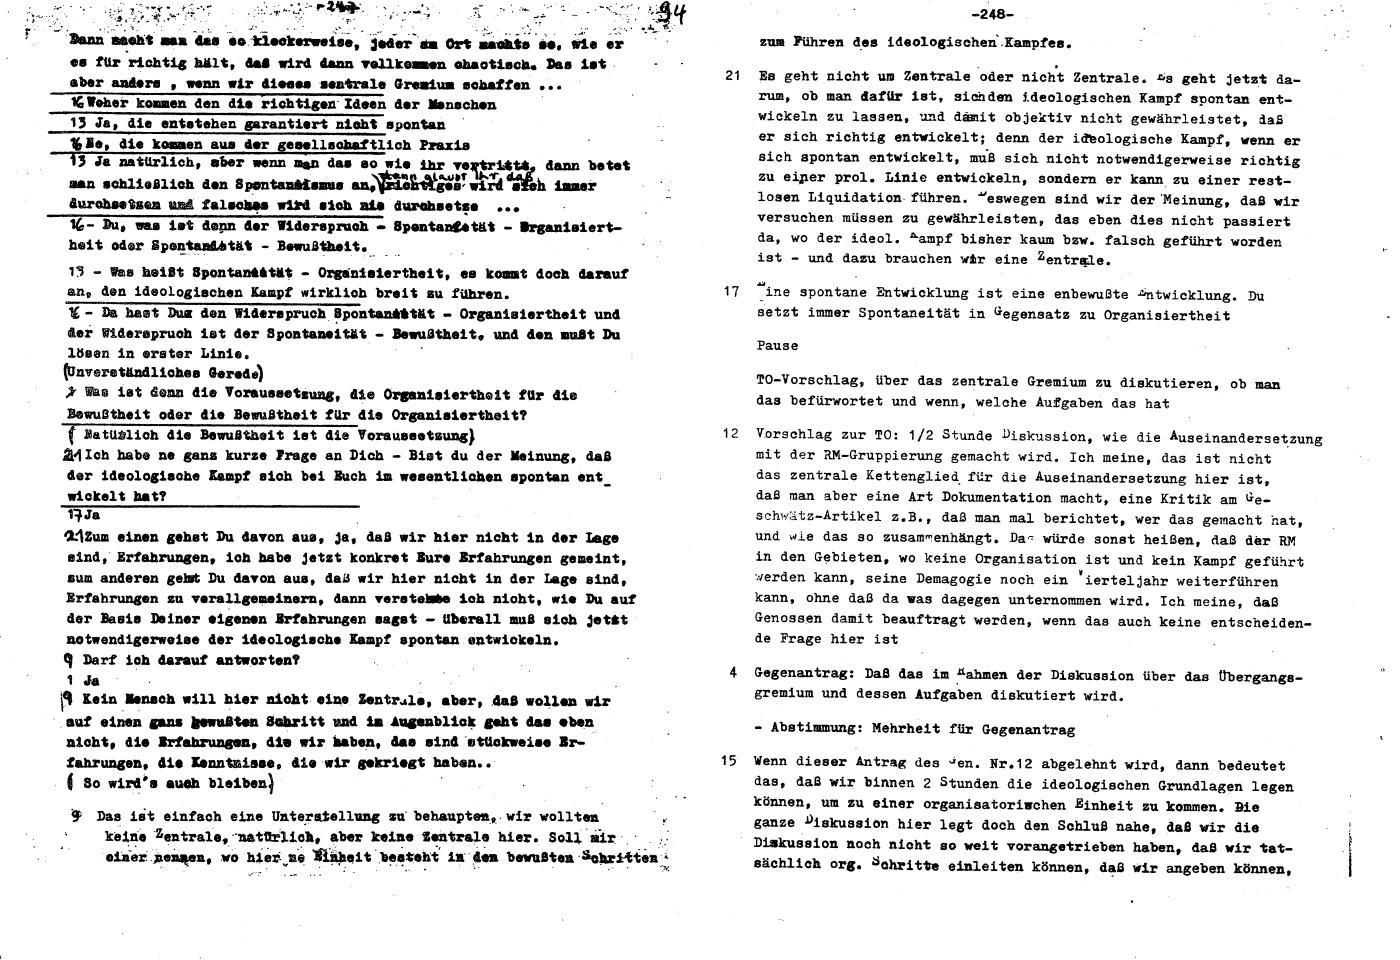 KPDML_1971_Wortprotokolle_aoPt_064